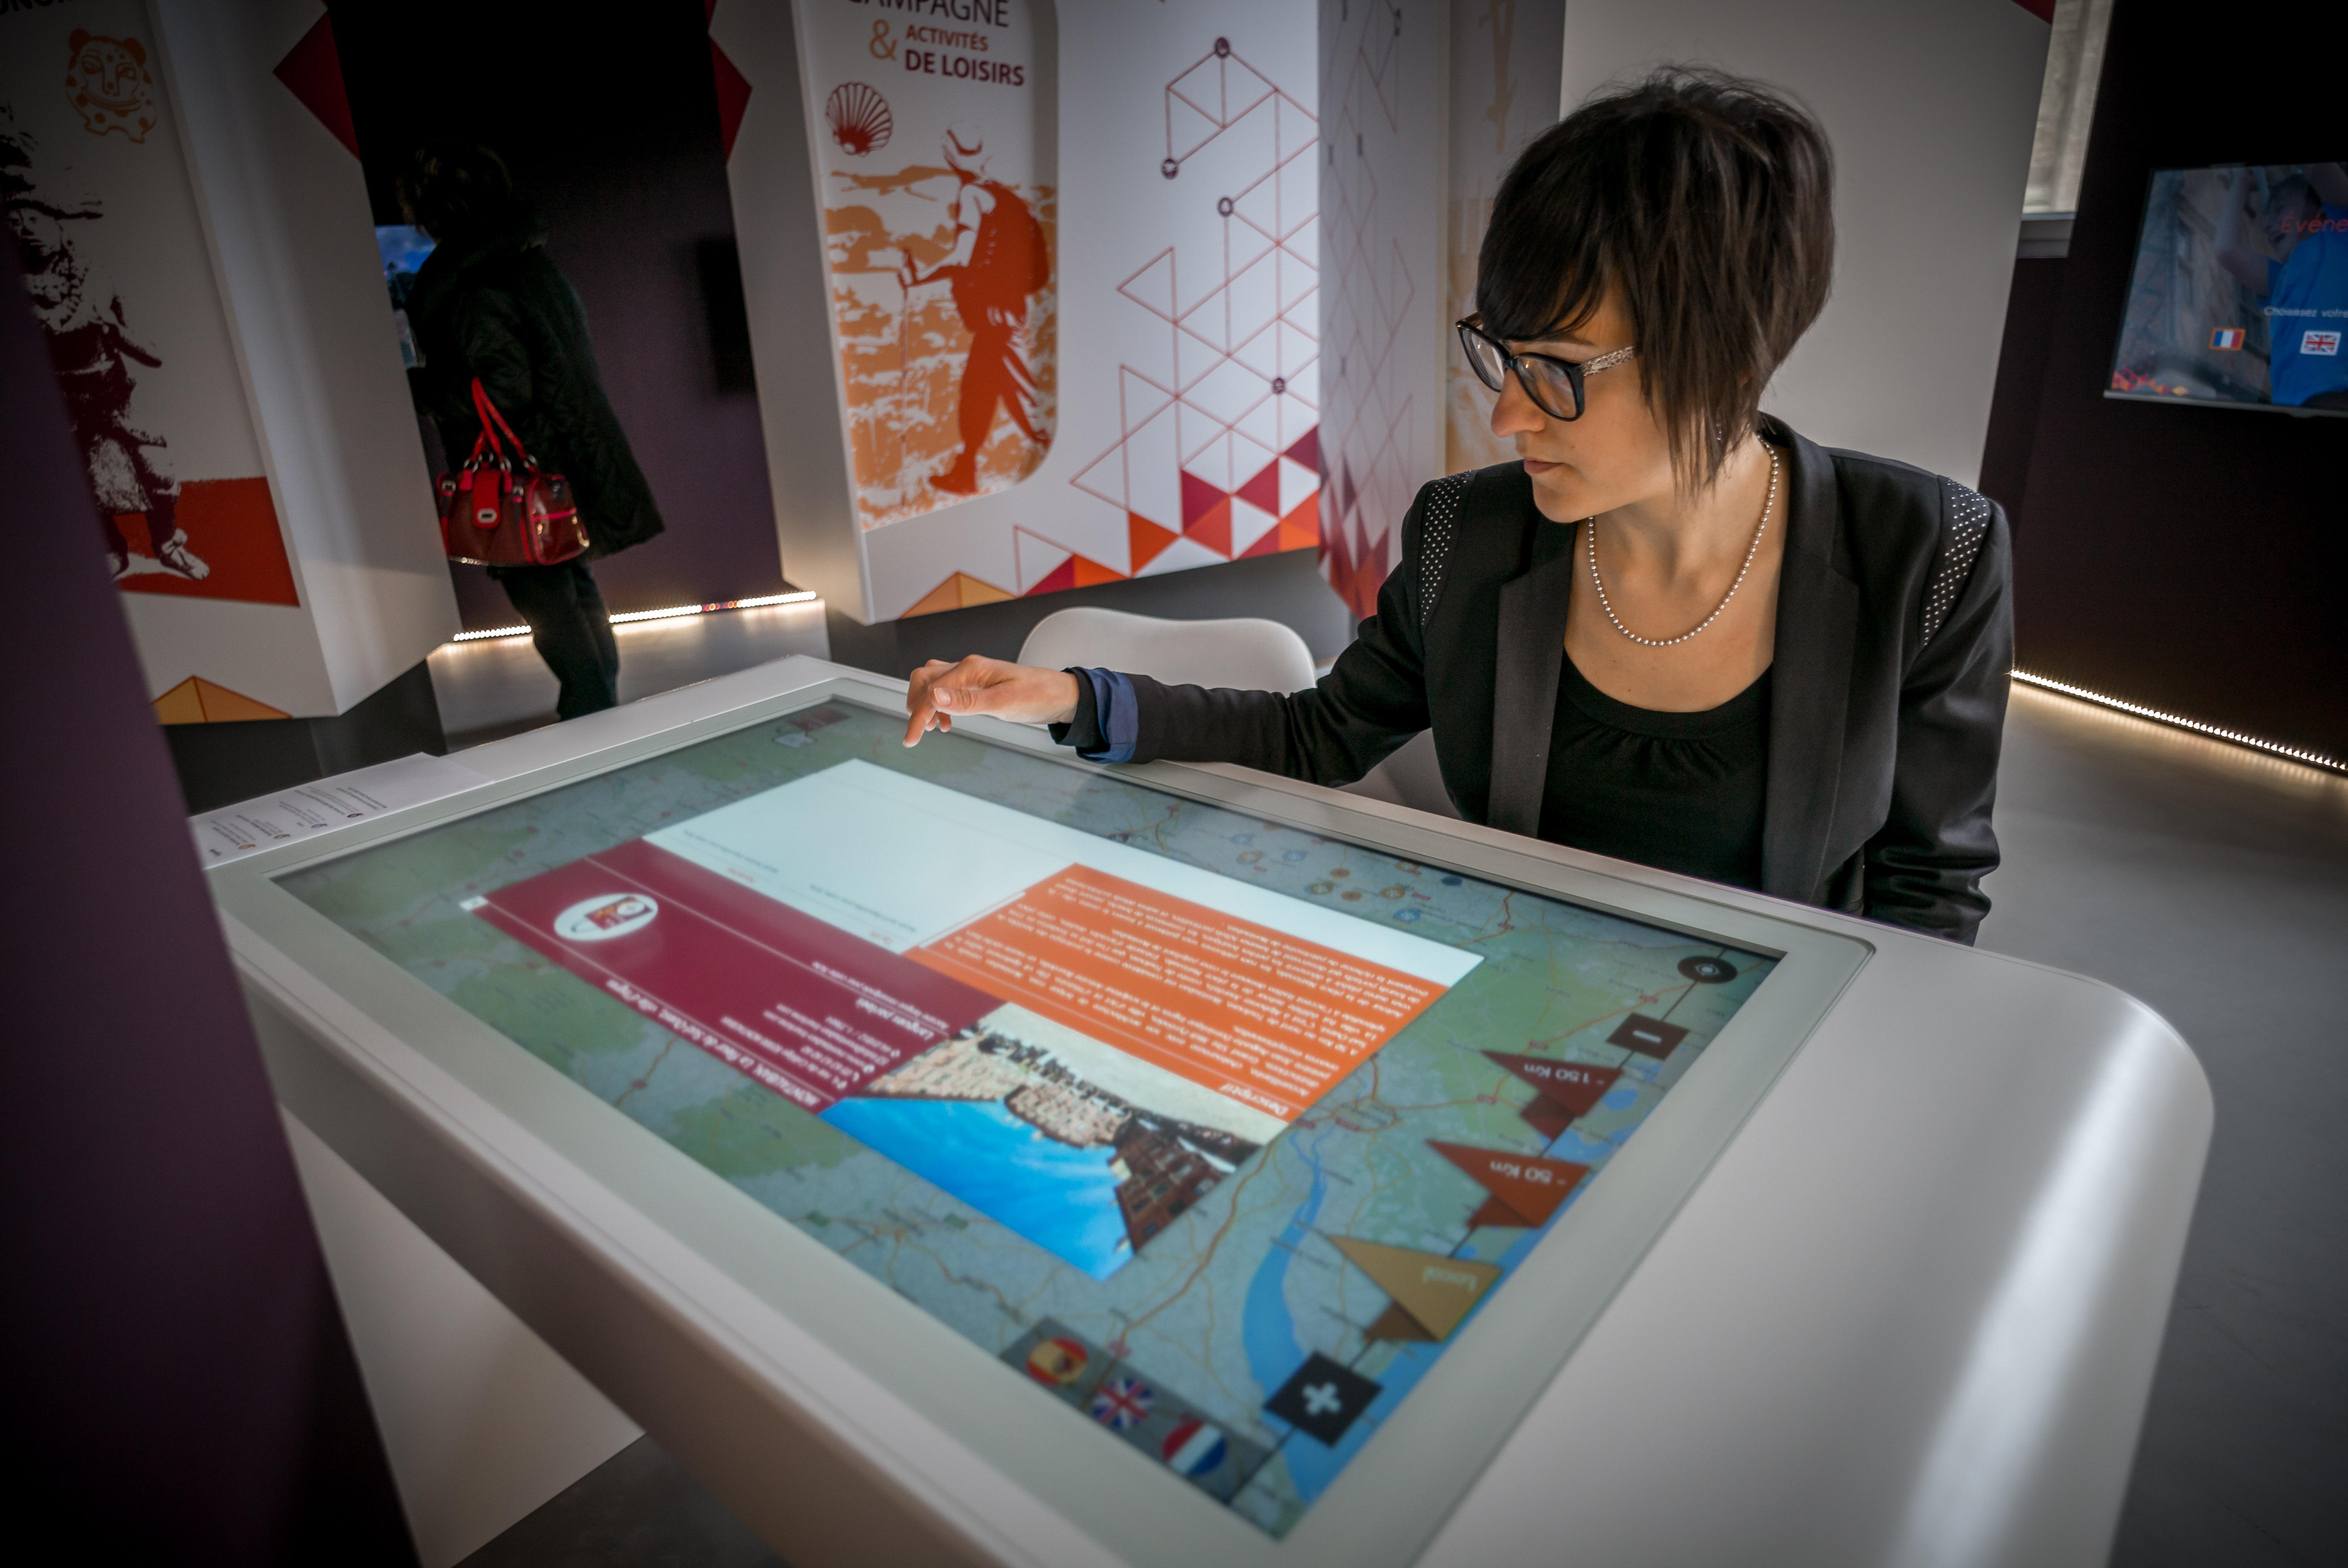 Office tourisme 4 sur 7 - Office tourisme chatillon sur chalaronne ...